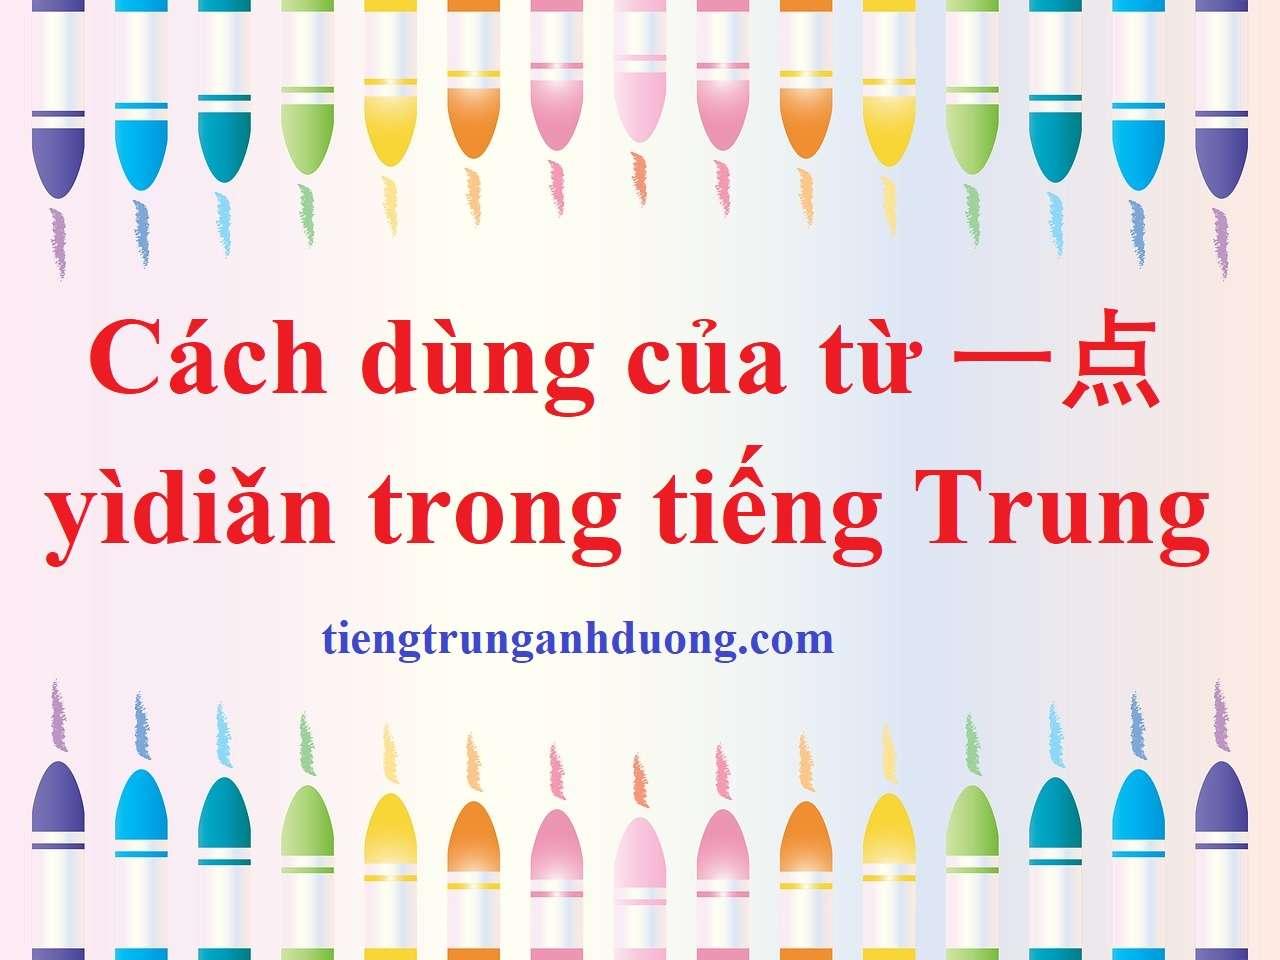 Cách dùng của từ 一点 yìdiǎn trong tiếng Trung